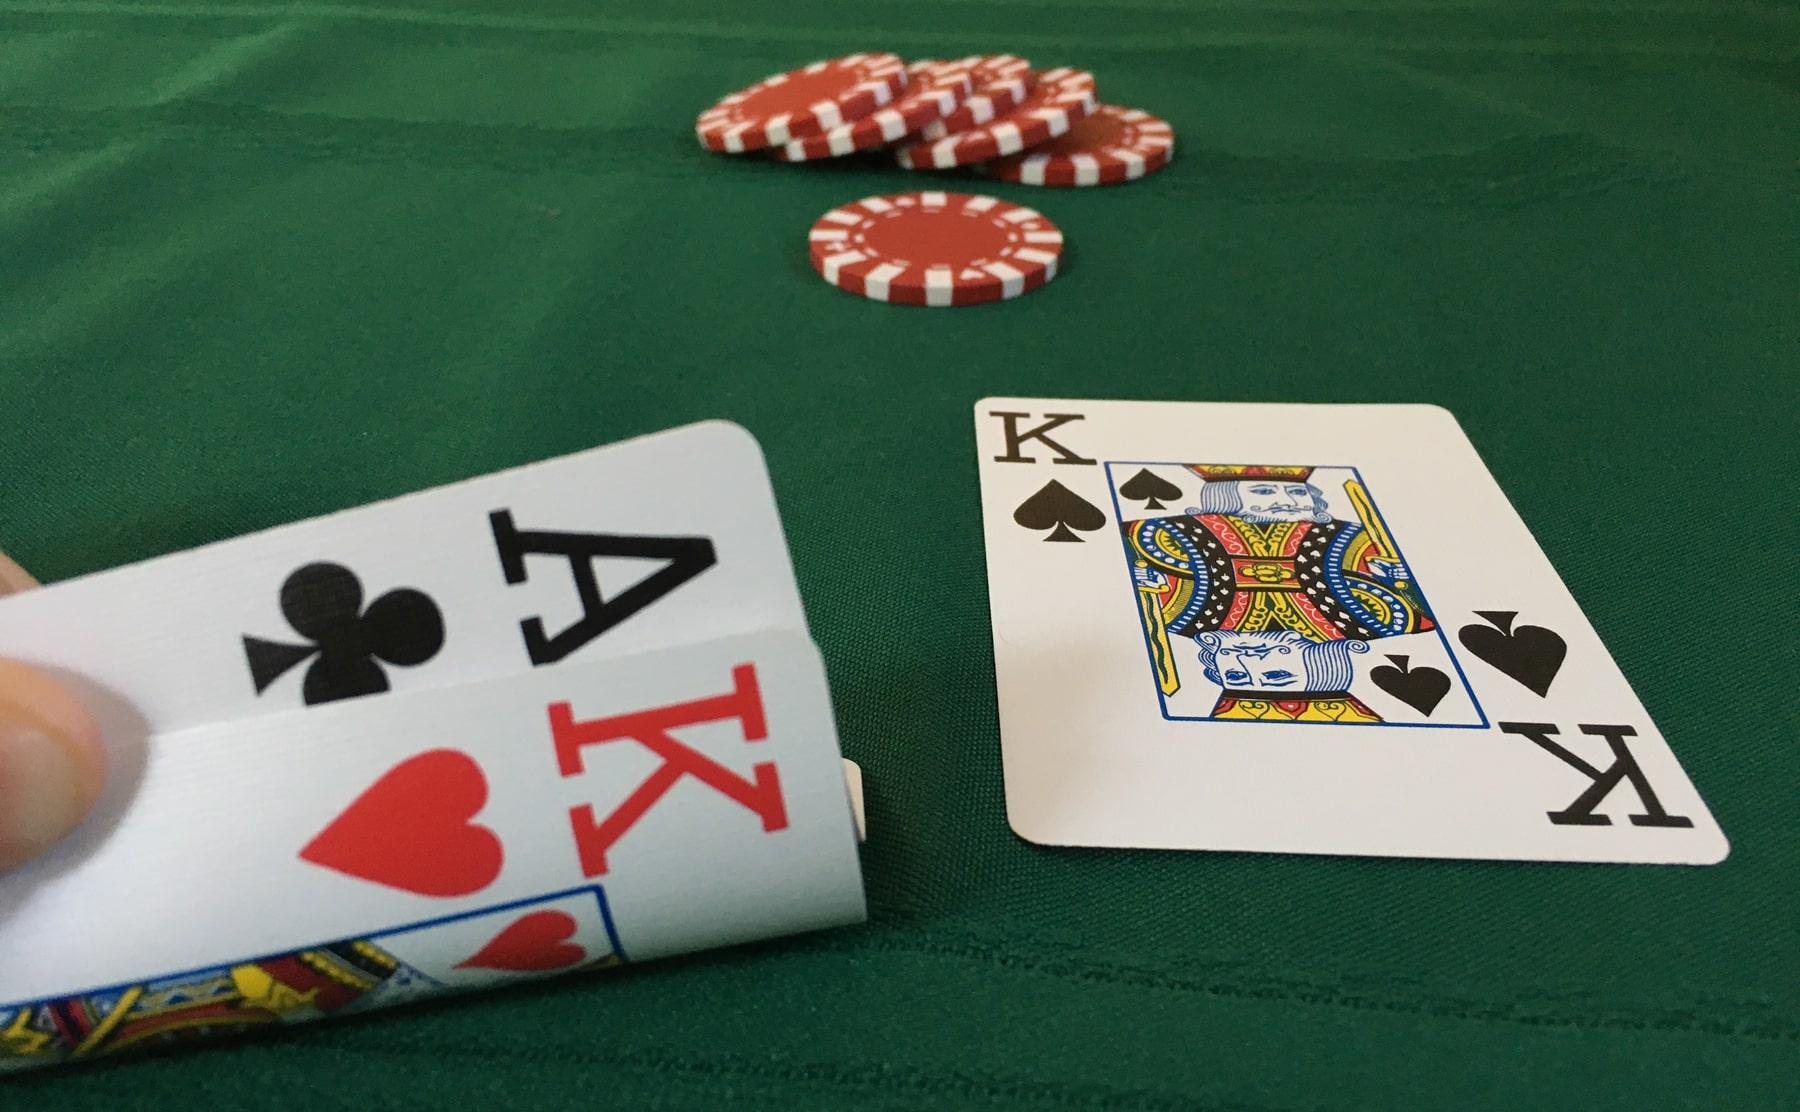 Mengenal Permainan Judi Poker Online yang Tengah Naik Daun